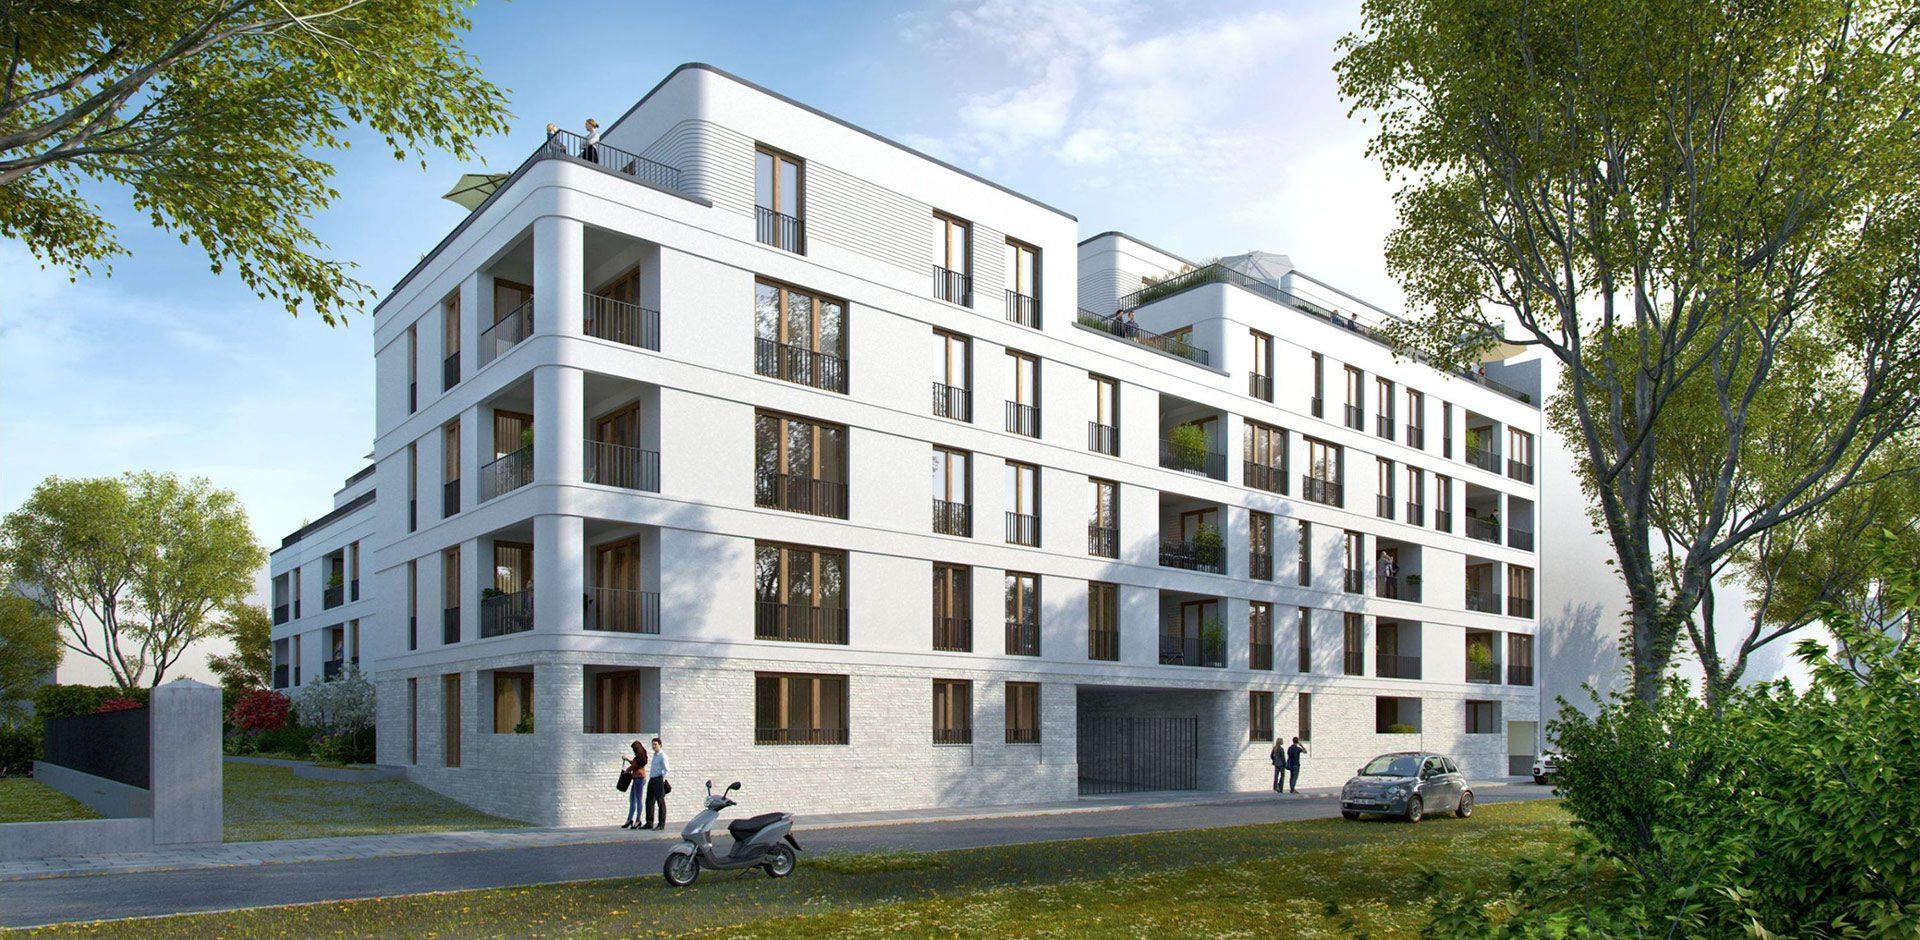 Bernsteinhaus Duisburg-Duissern